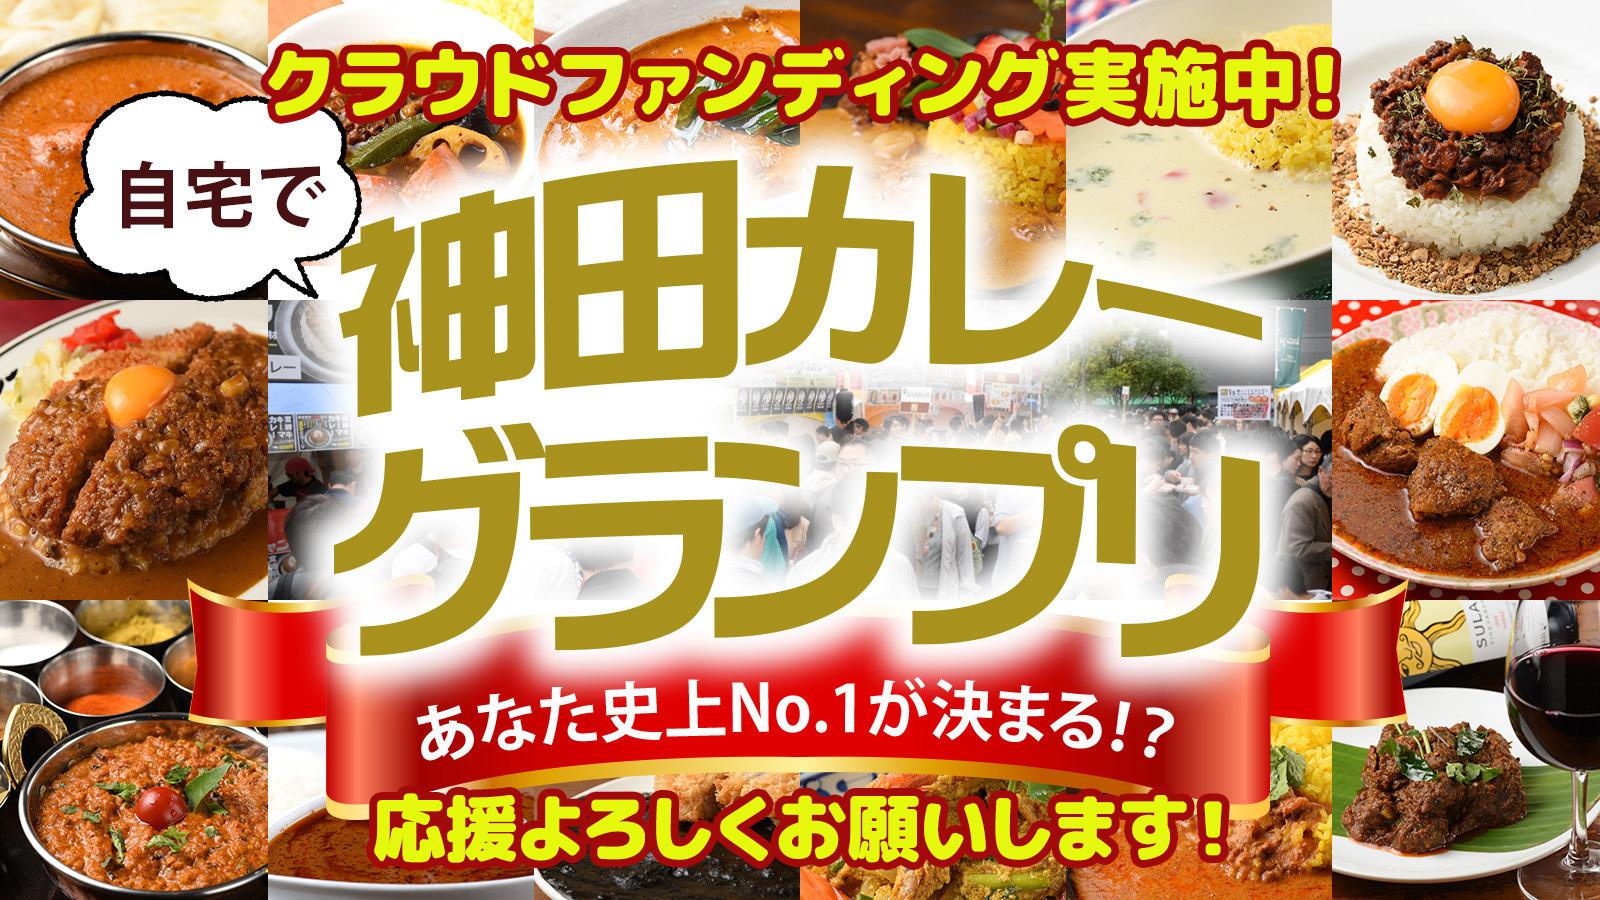 自宅でカレーグランプリ!カレーの聖地神田で有名な14店のカレーを食べて応援!